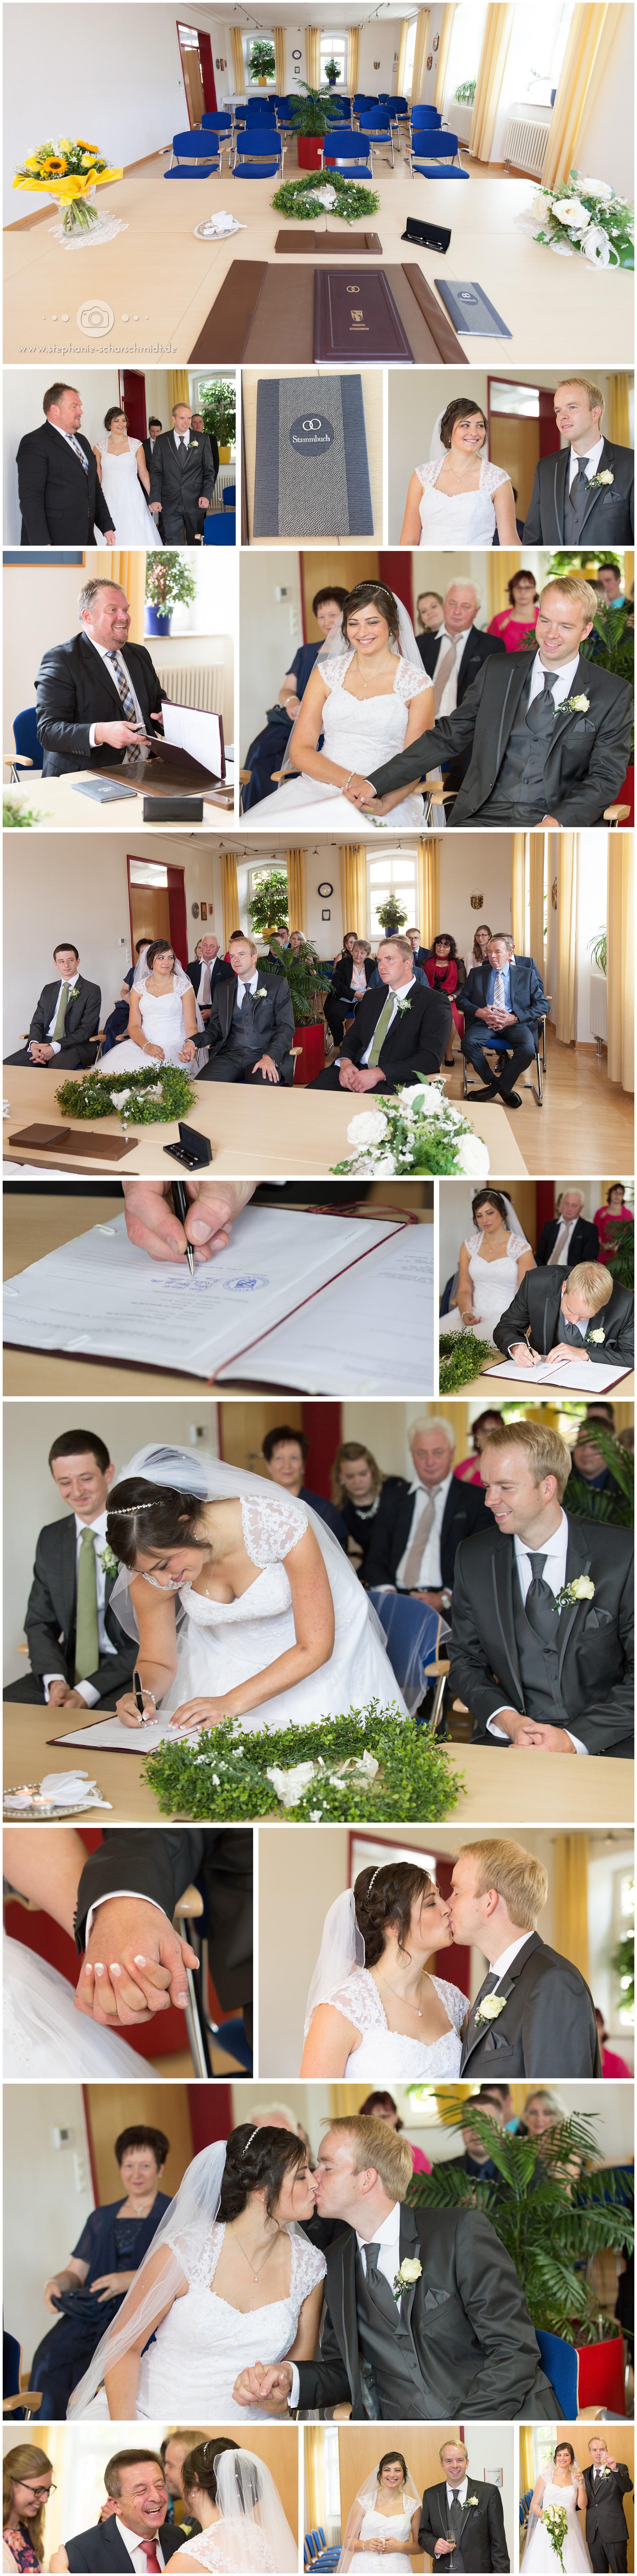 Standesamt Konradsreuth – Stephanie Scharschmidt Hochzeitsfotograf Hof